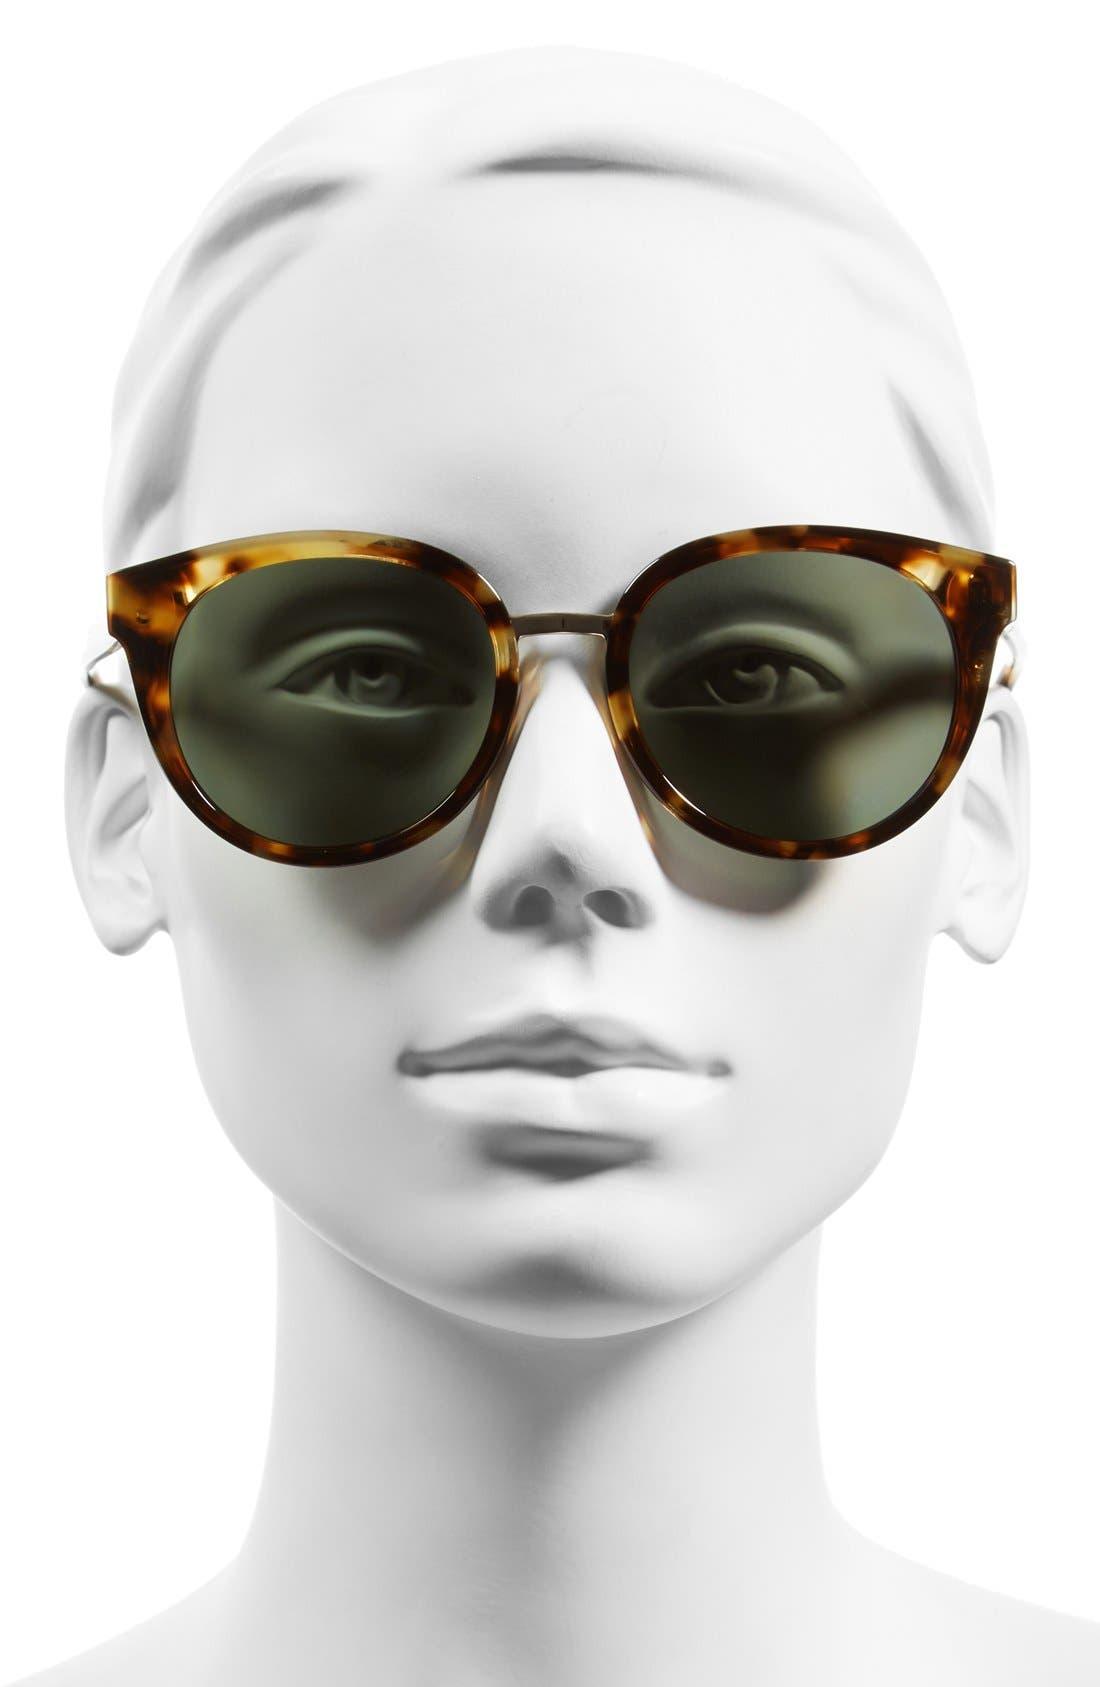 53mm Polarized Retro Sunglasses,                             Alternate thumbnail 2, color,                             200